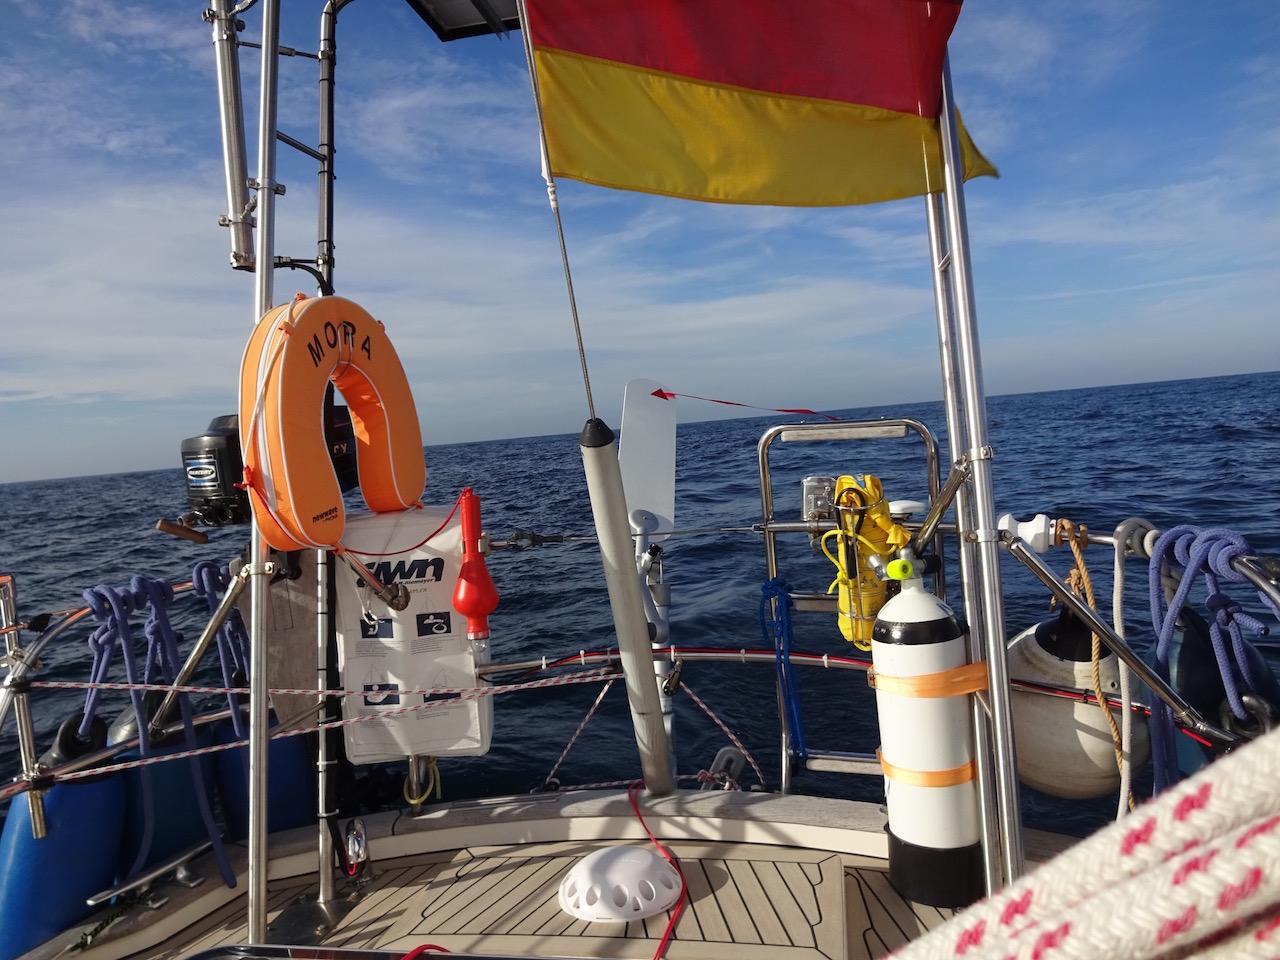 die Windfahne ist aktiviert und steuert das Boot